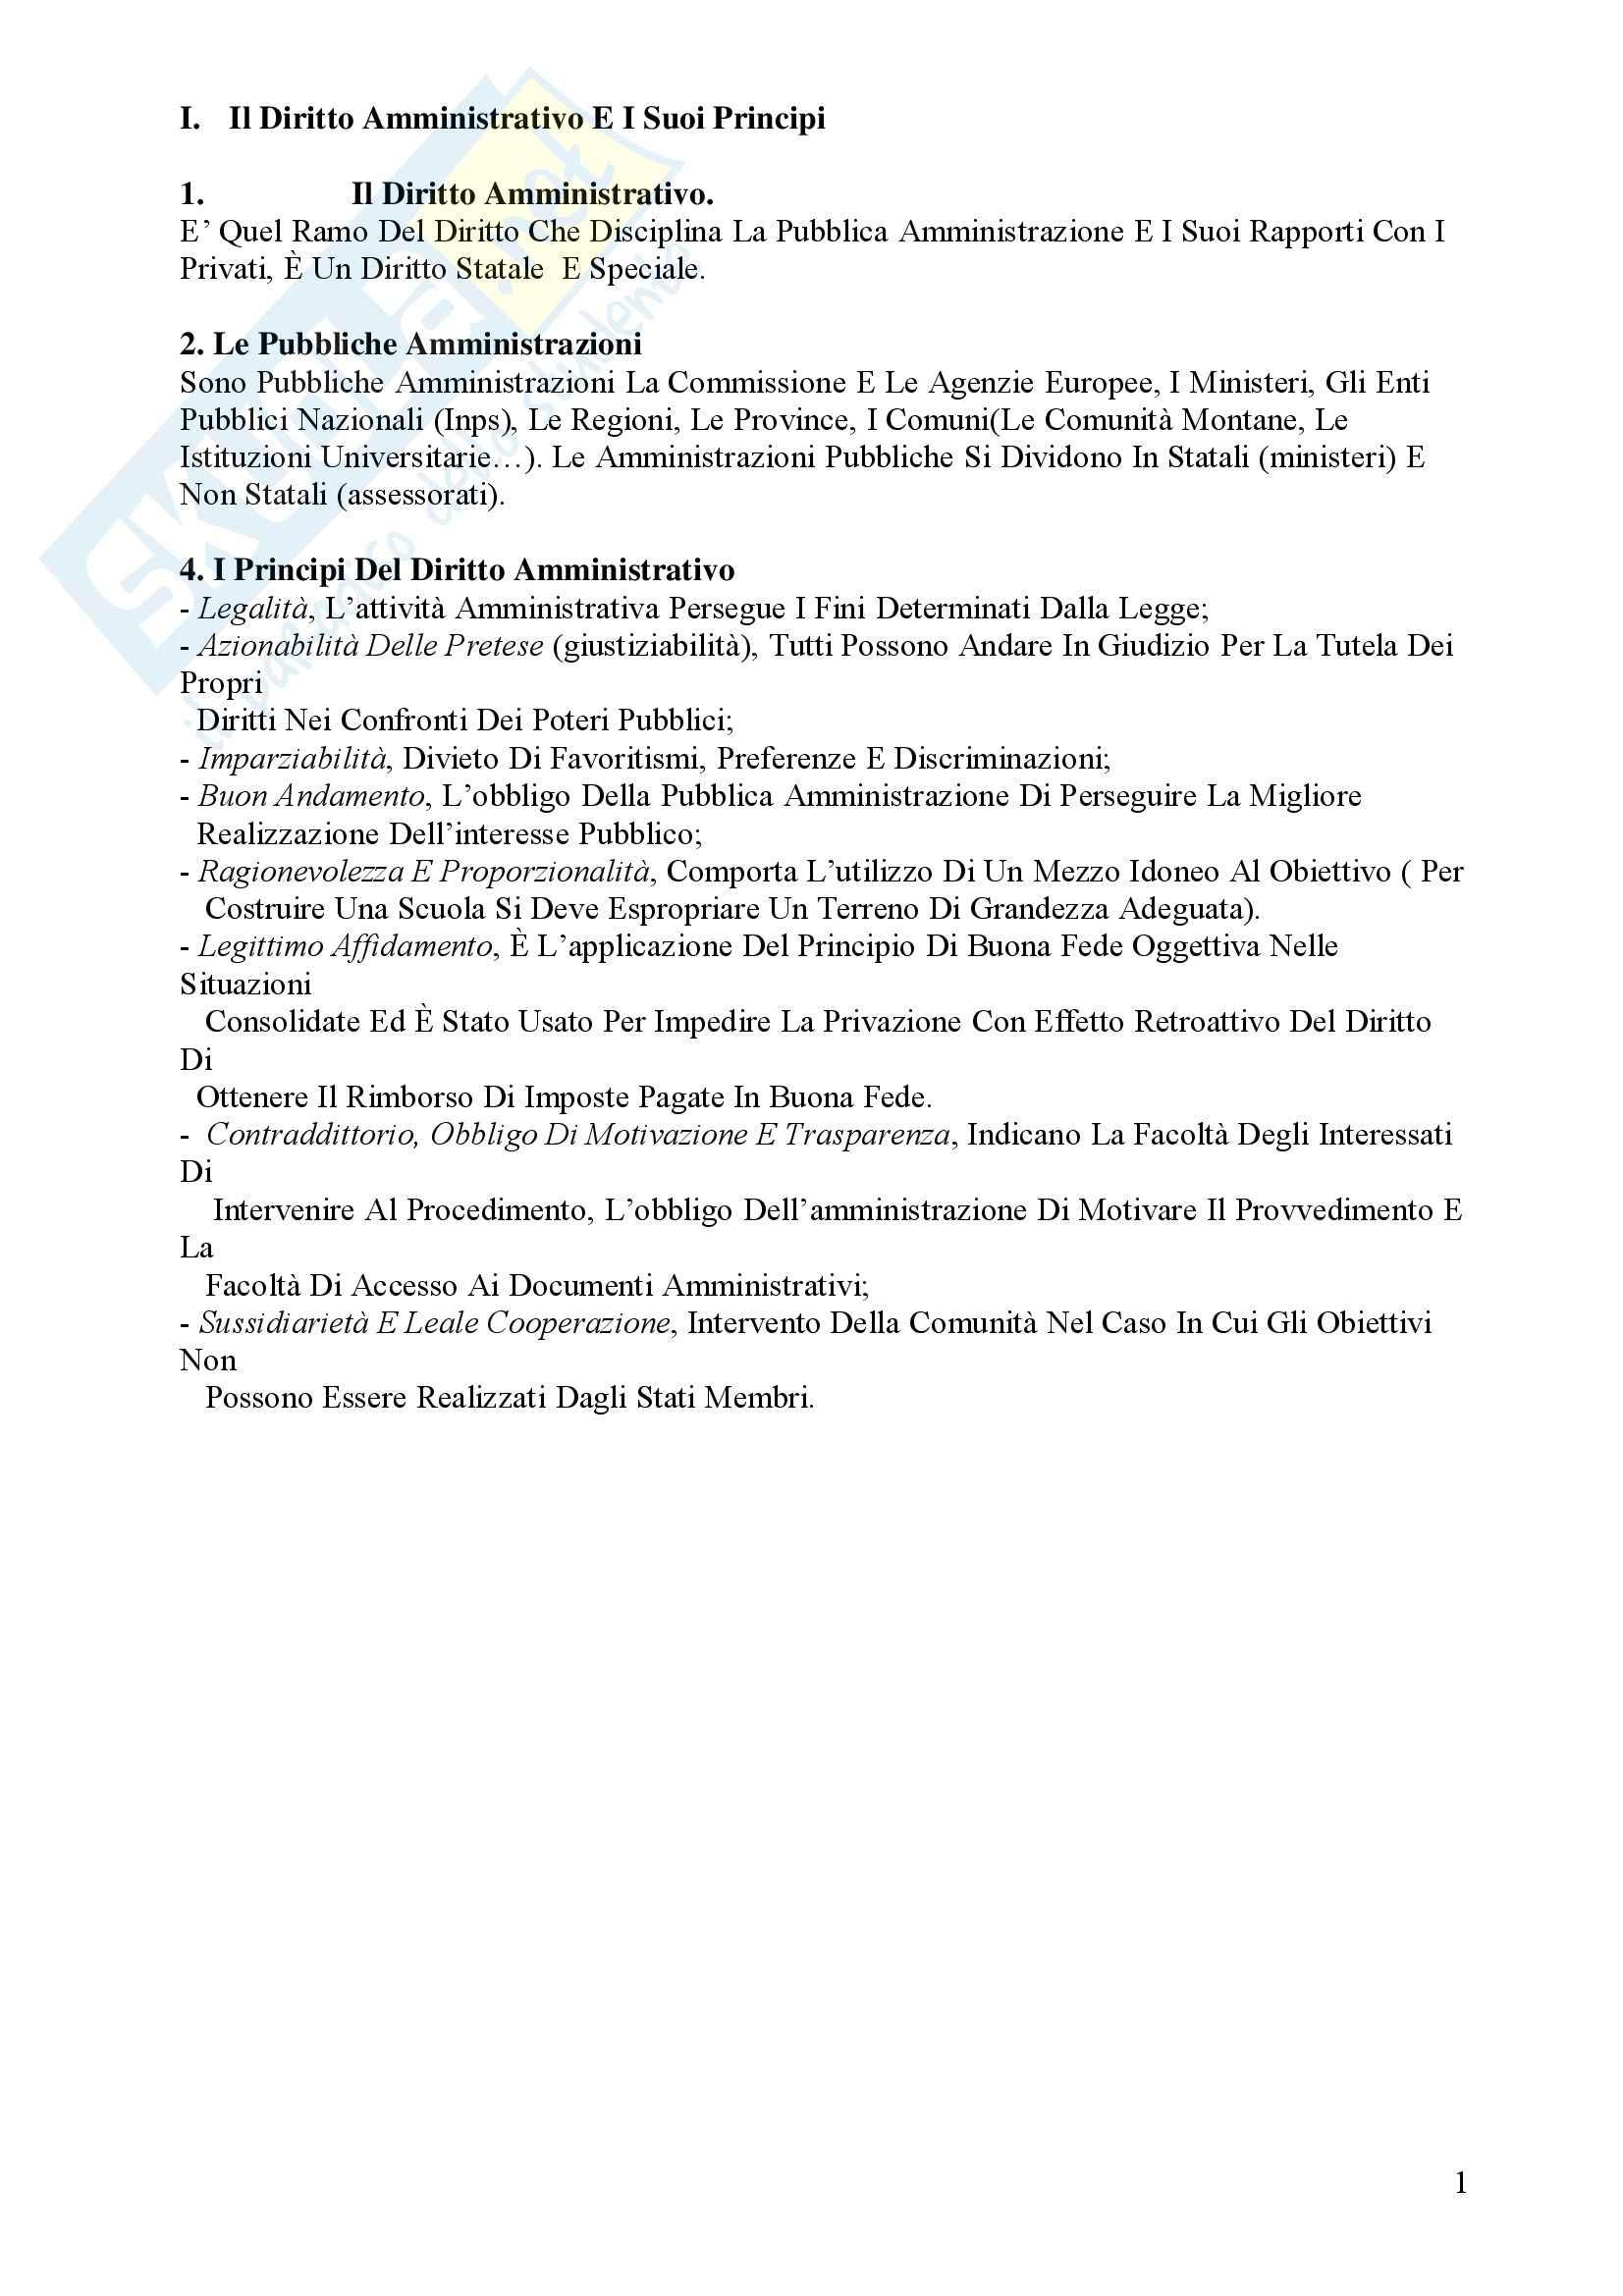 Manuale di diritto amministrativo, Cassese - Appunti